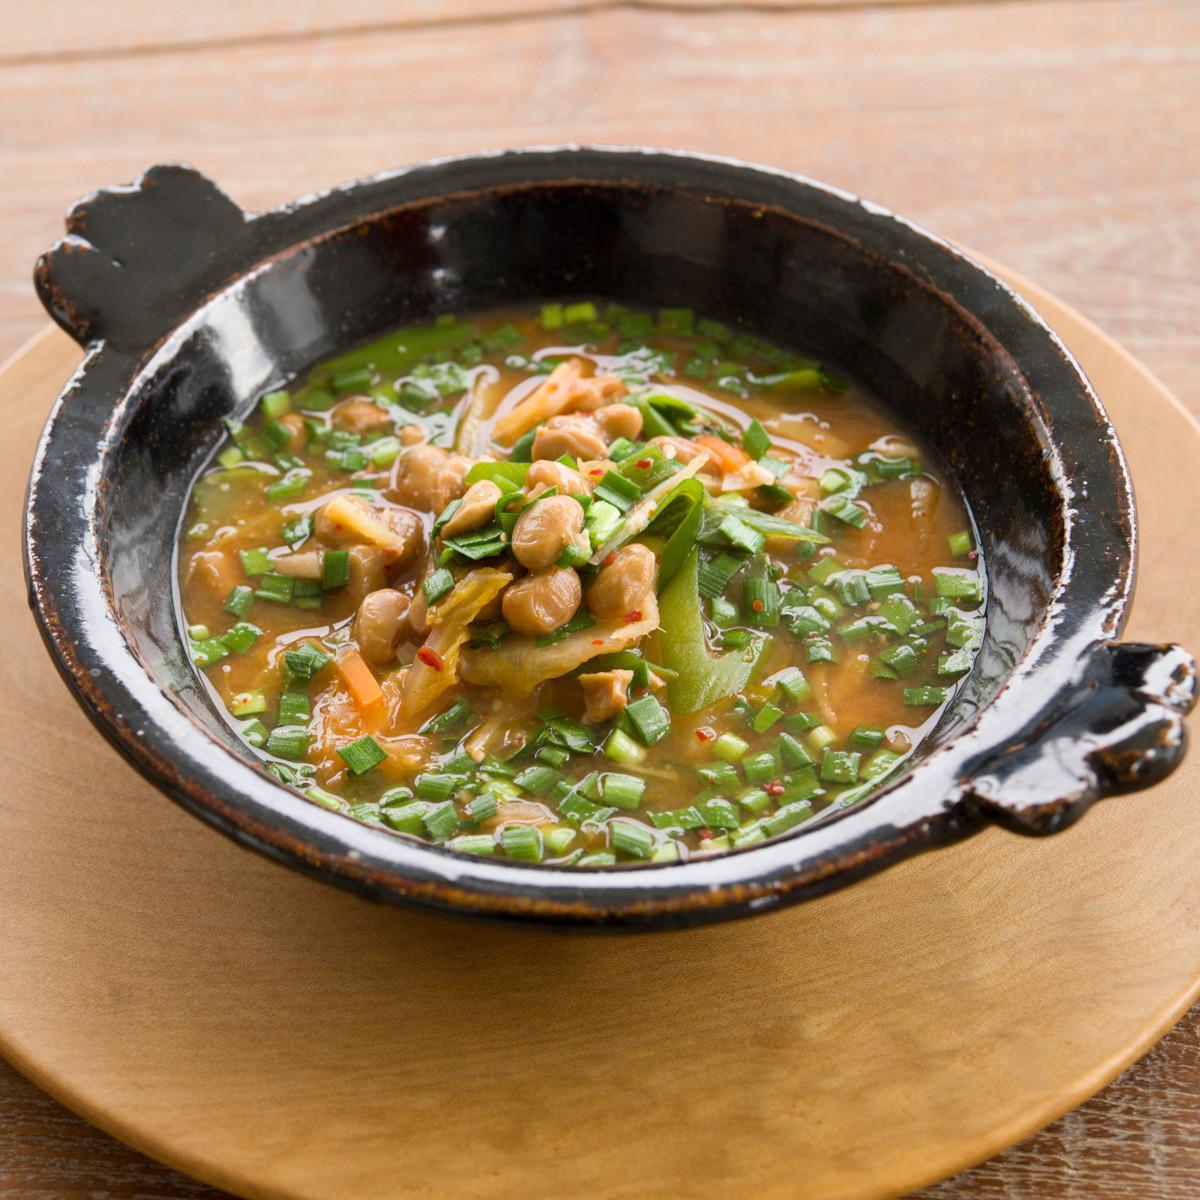 【ダイエットにもおすすめの食事やメニューは? Atsushi流レシピ】_納豆+味噌「納豆キムチ味噌チゲ」